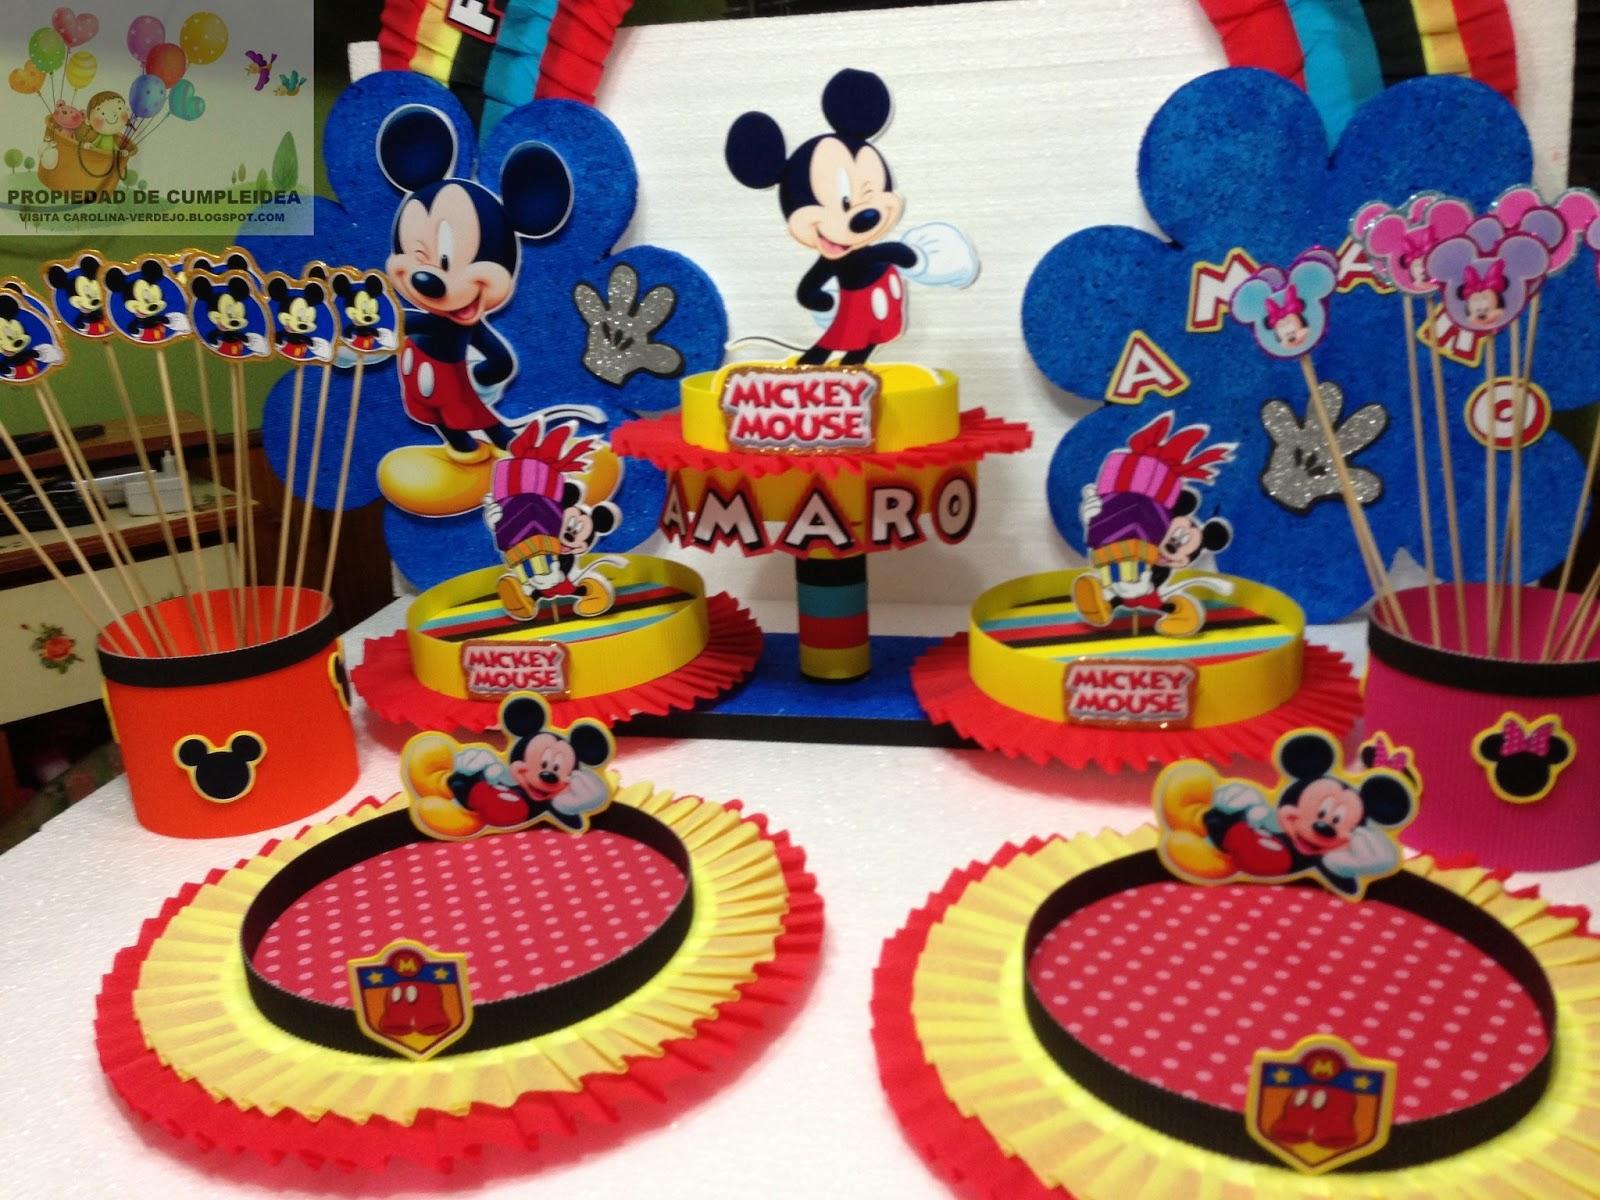 Mickey mouse decoracion mesa for Decoraciones para decorar